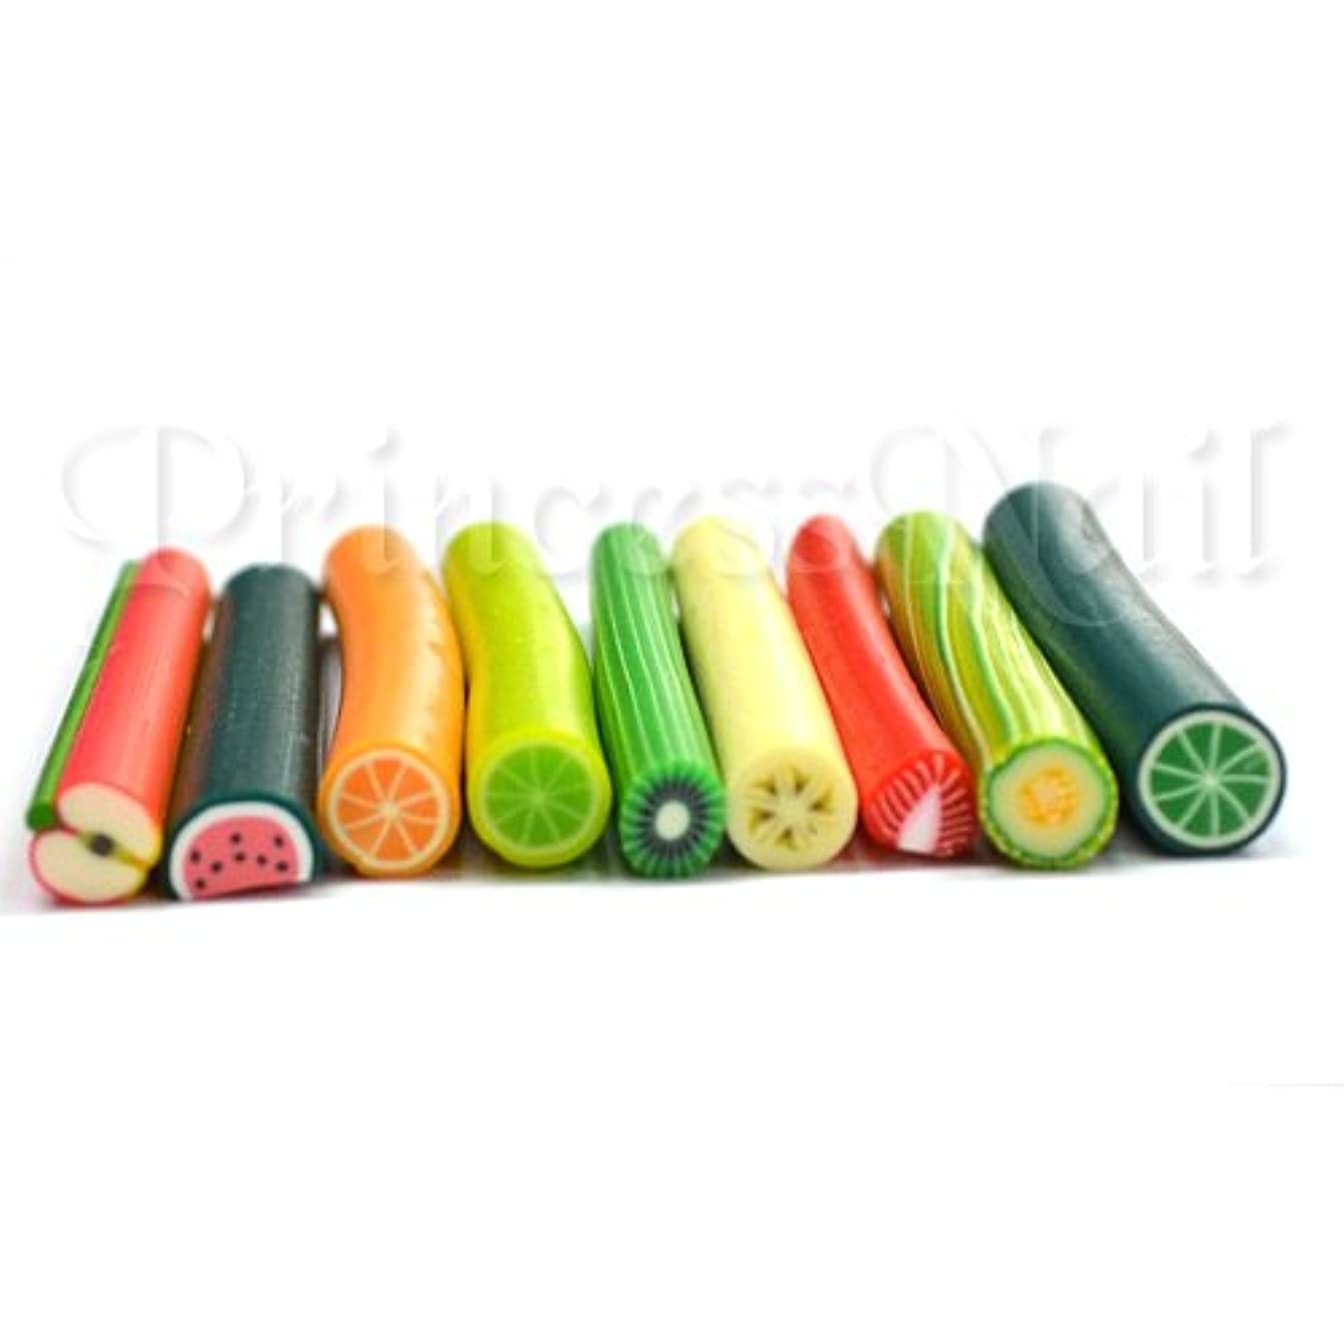 フルーツ棒9種類セット 長さ約5cm直径平均5mm 薄くスライスして爪やデコに!